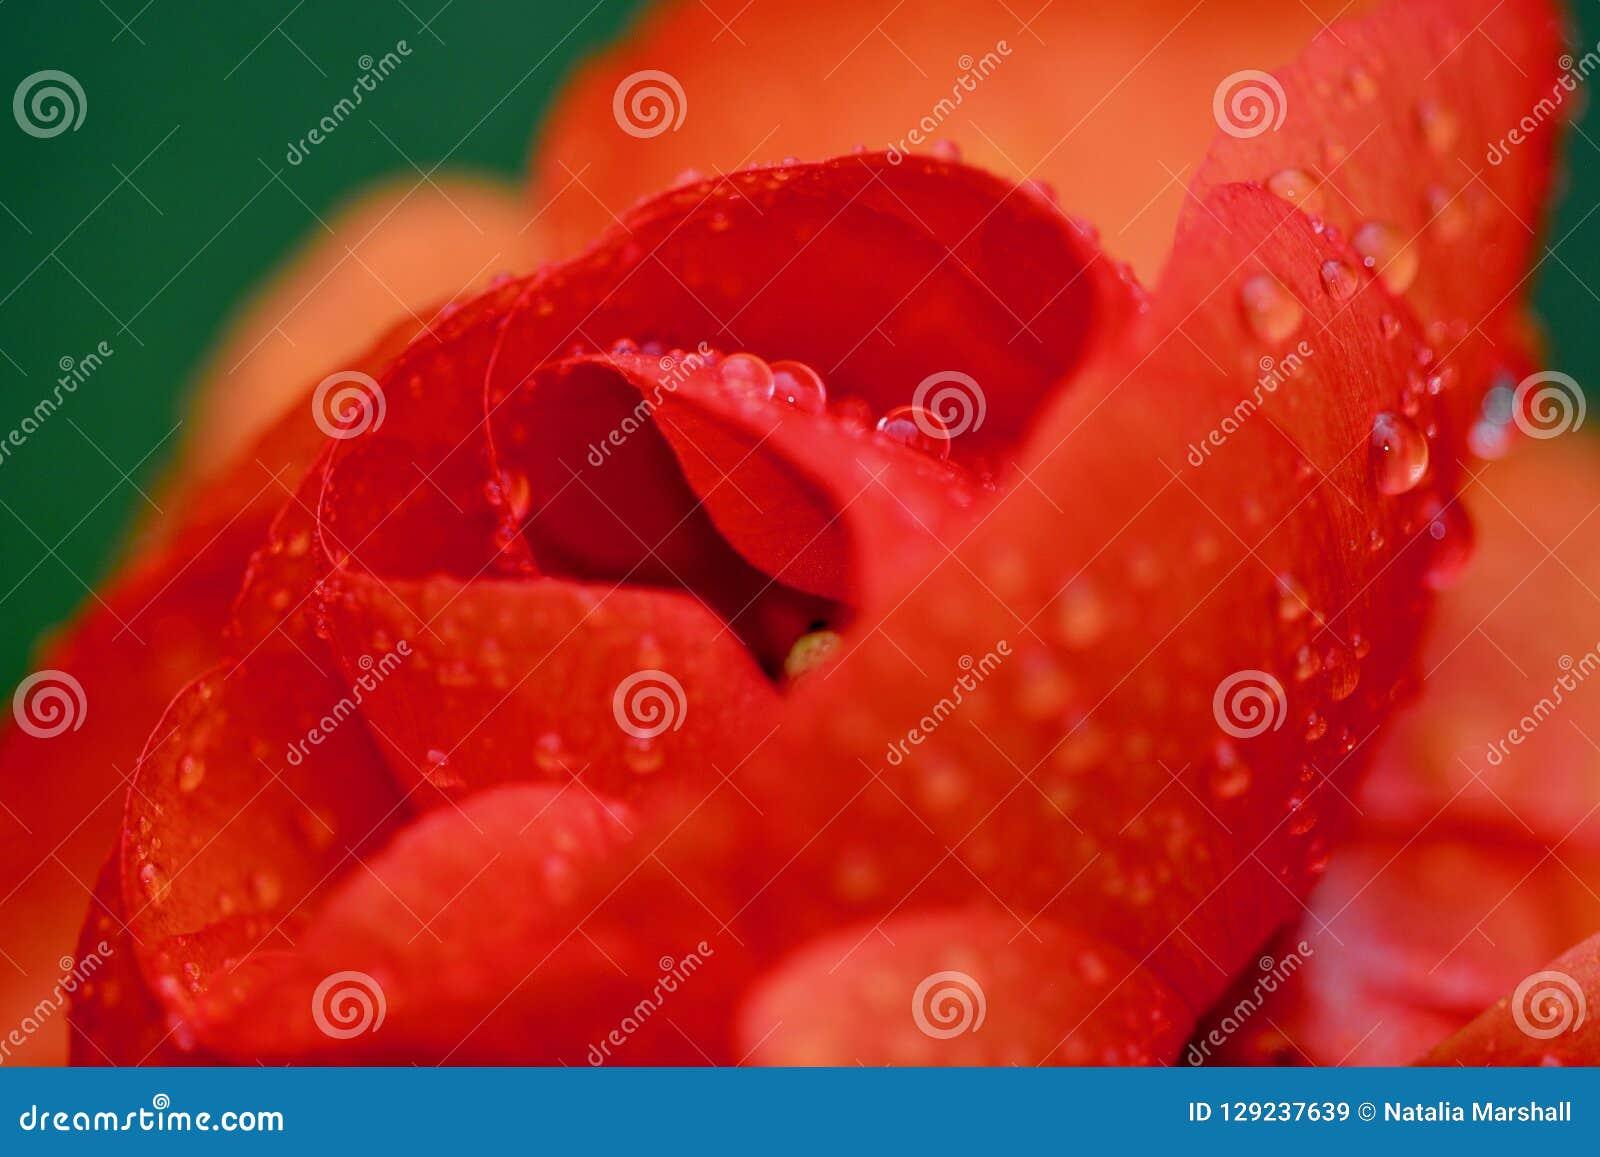 关闭红橙色毛茛属花的照片